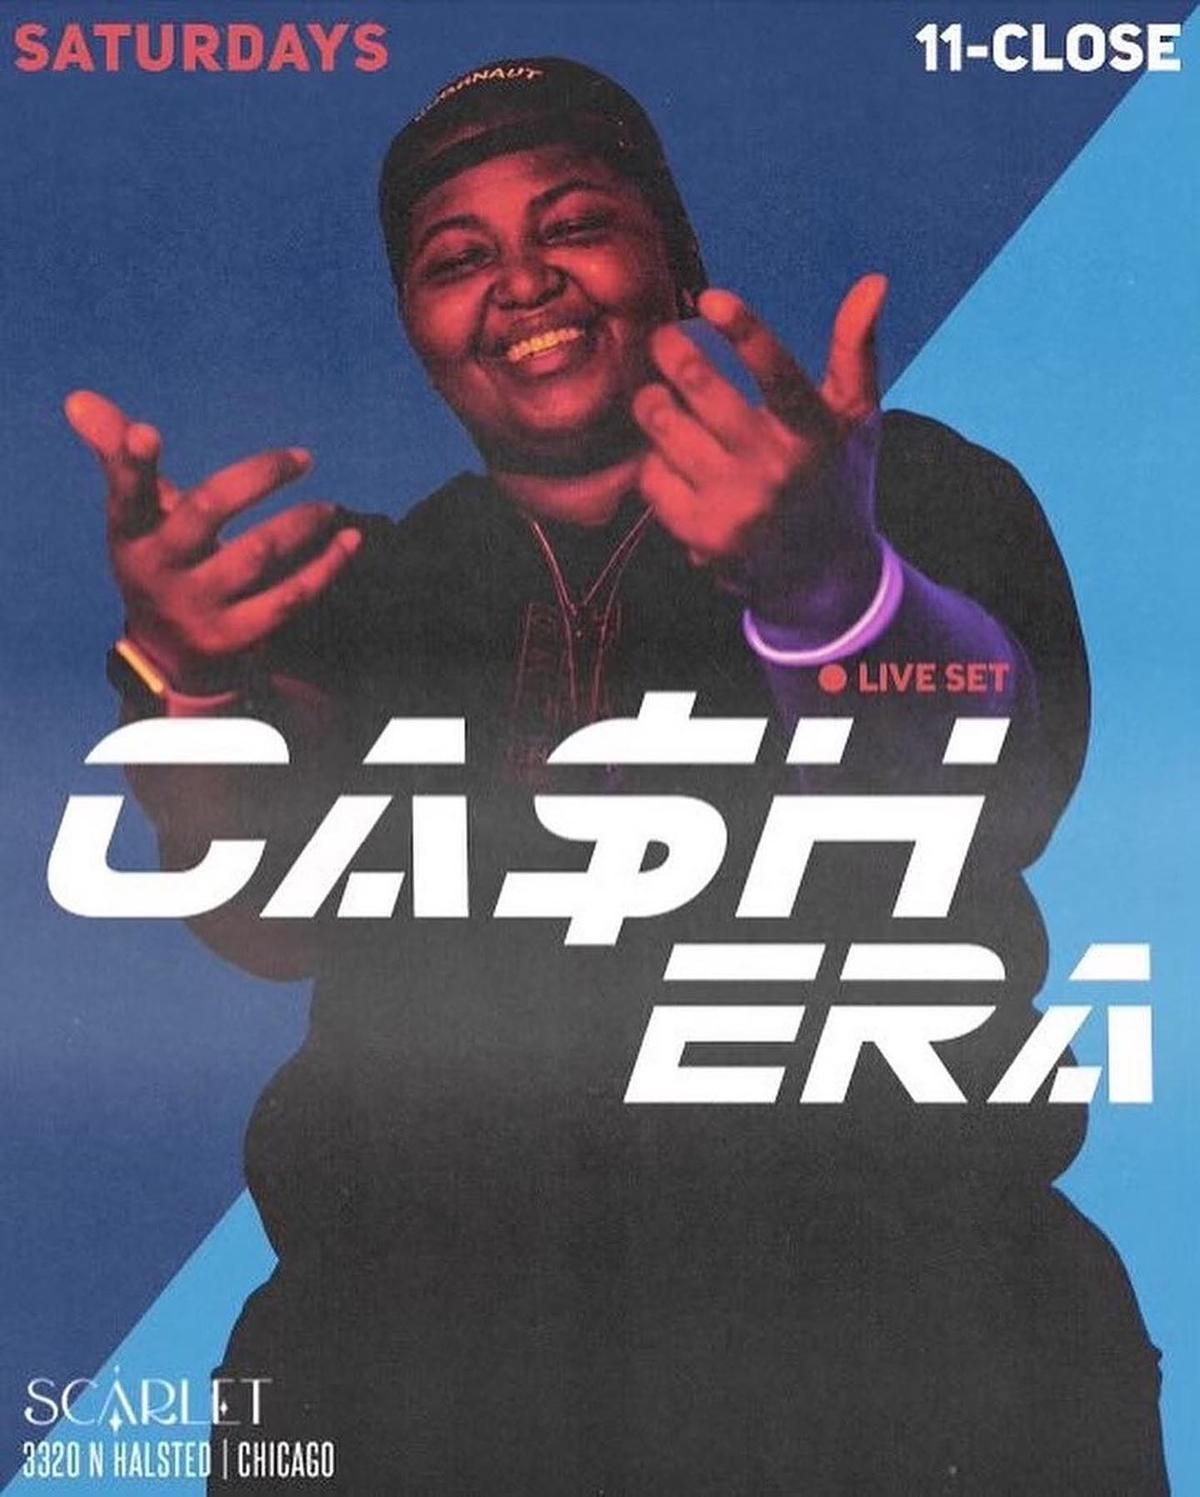 DJ Cashera at Scarlet